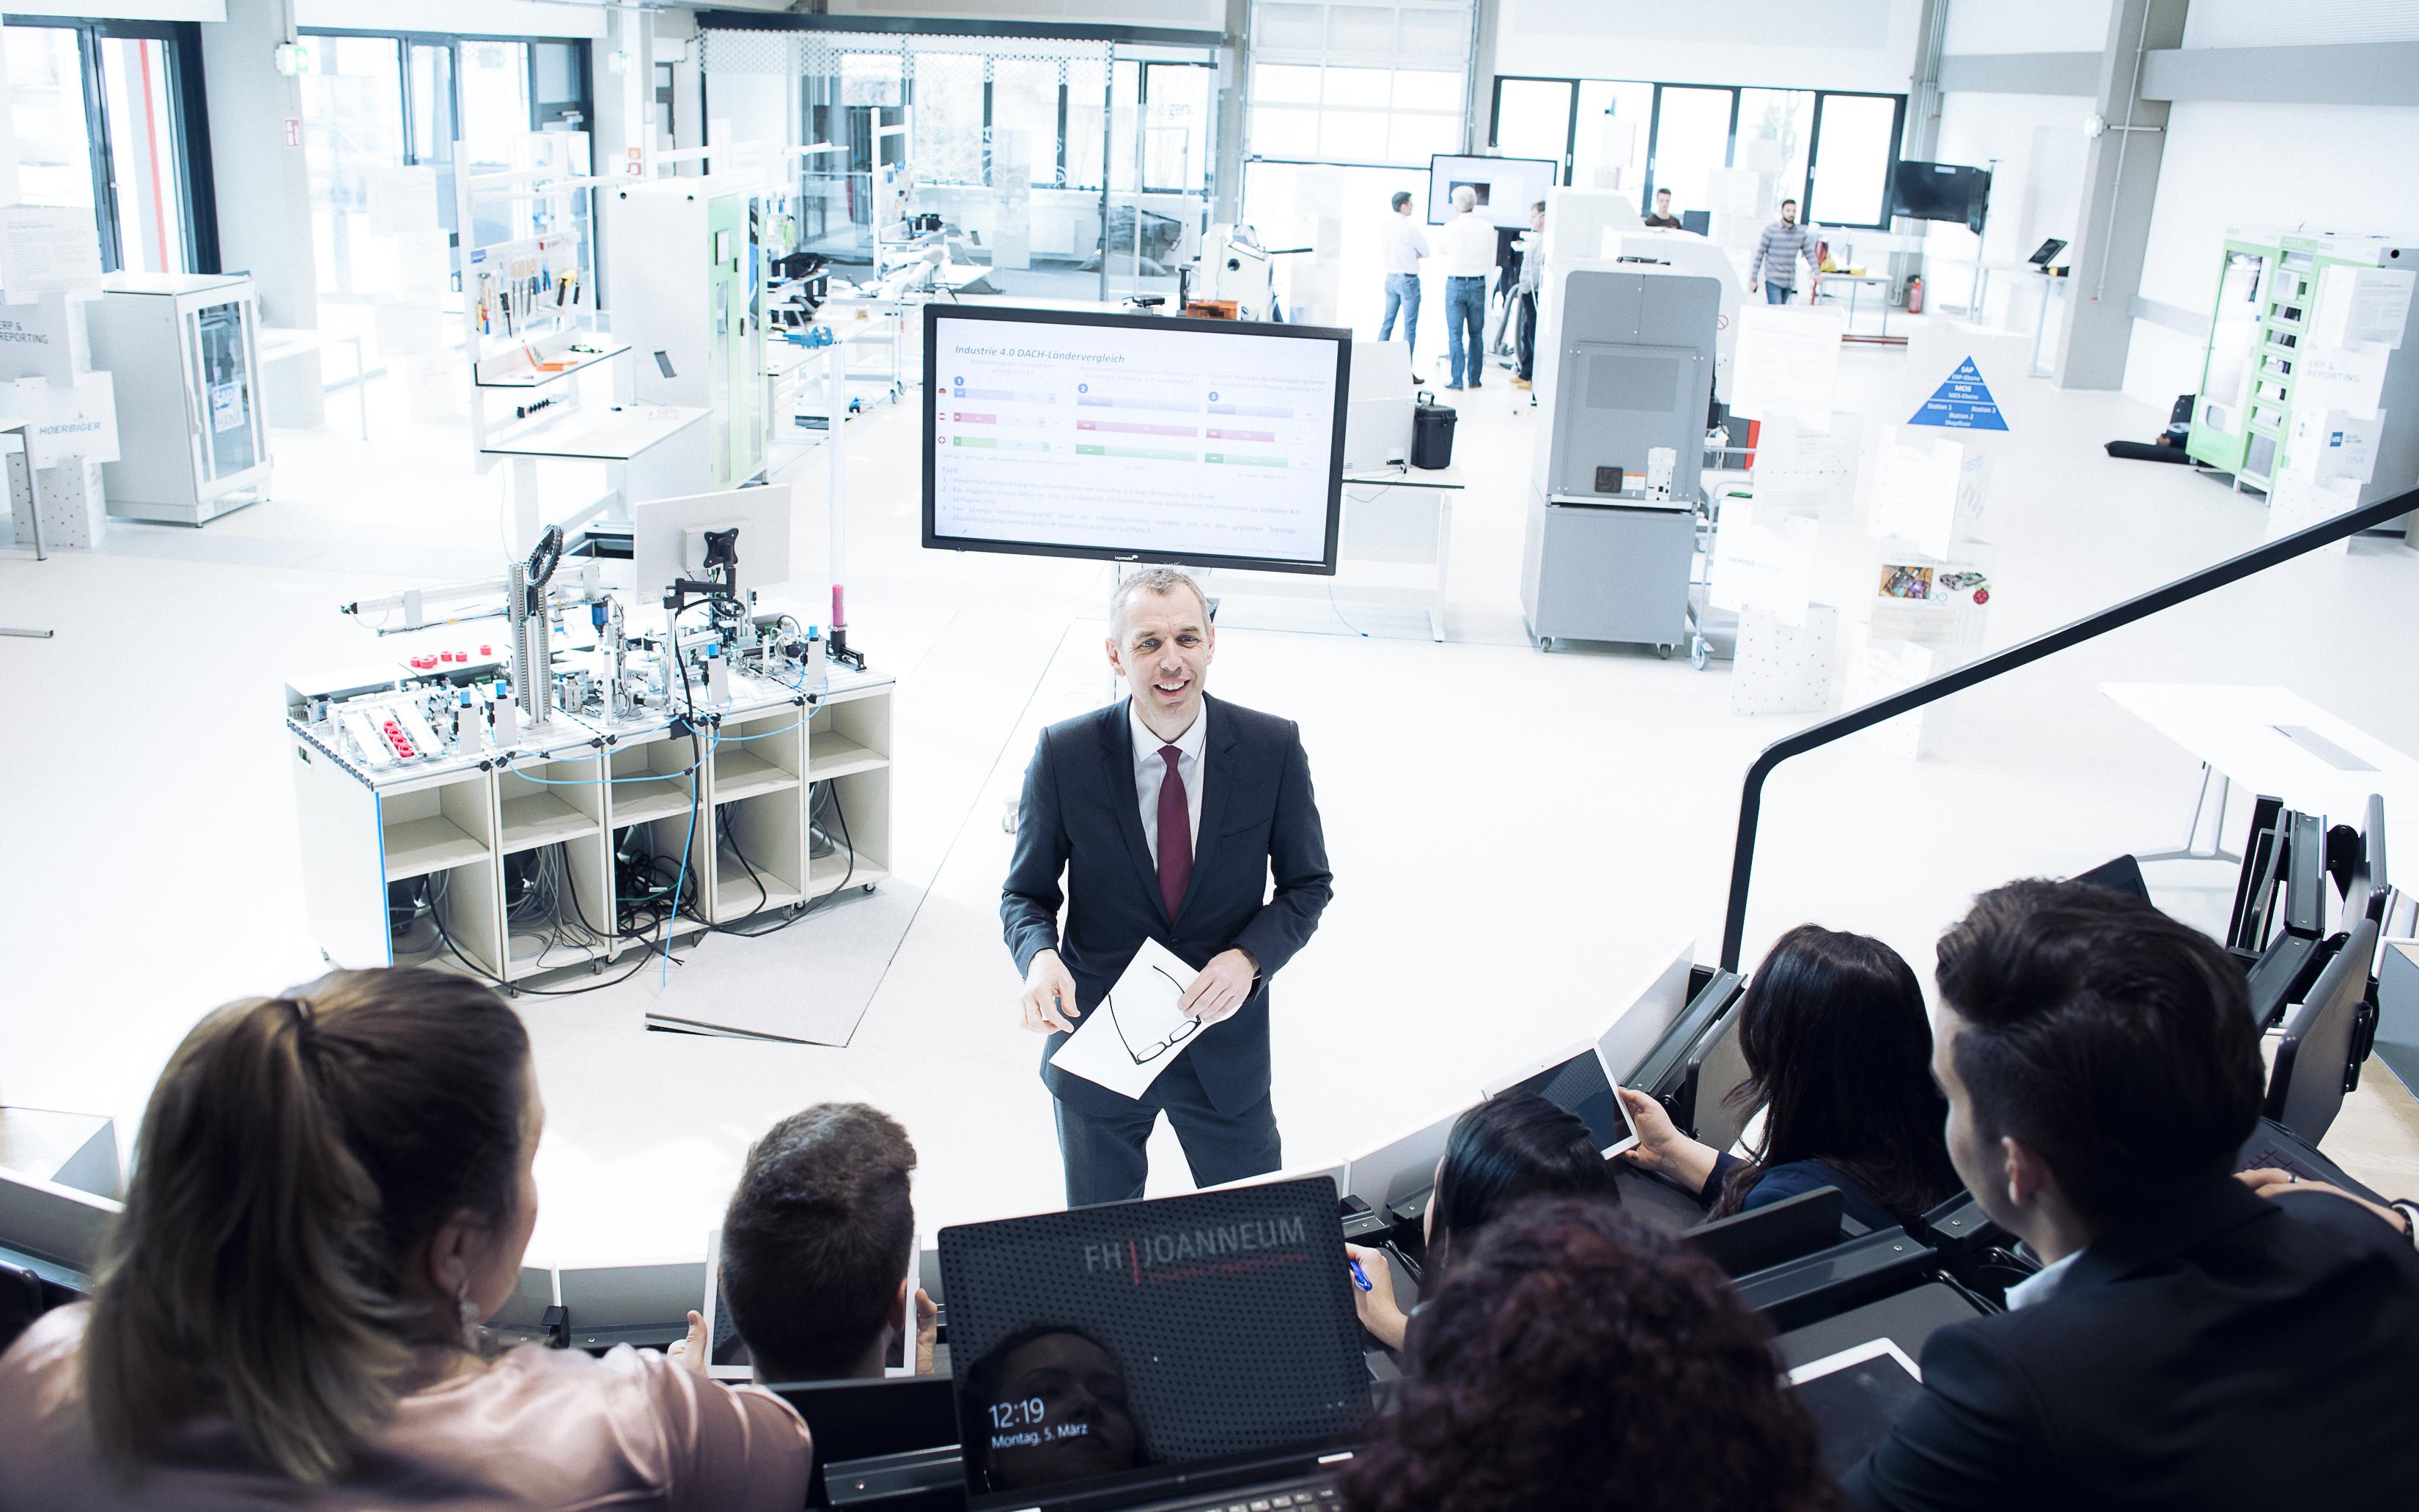 Lehrender mit Smart Production Lab im Hintergrund.